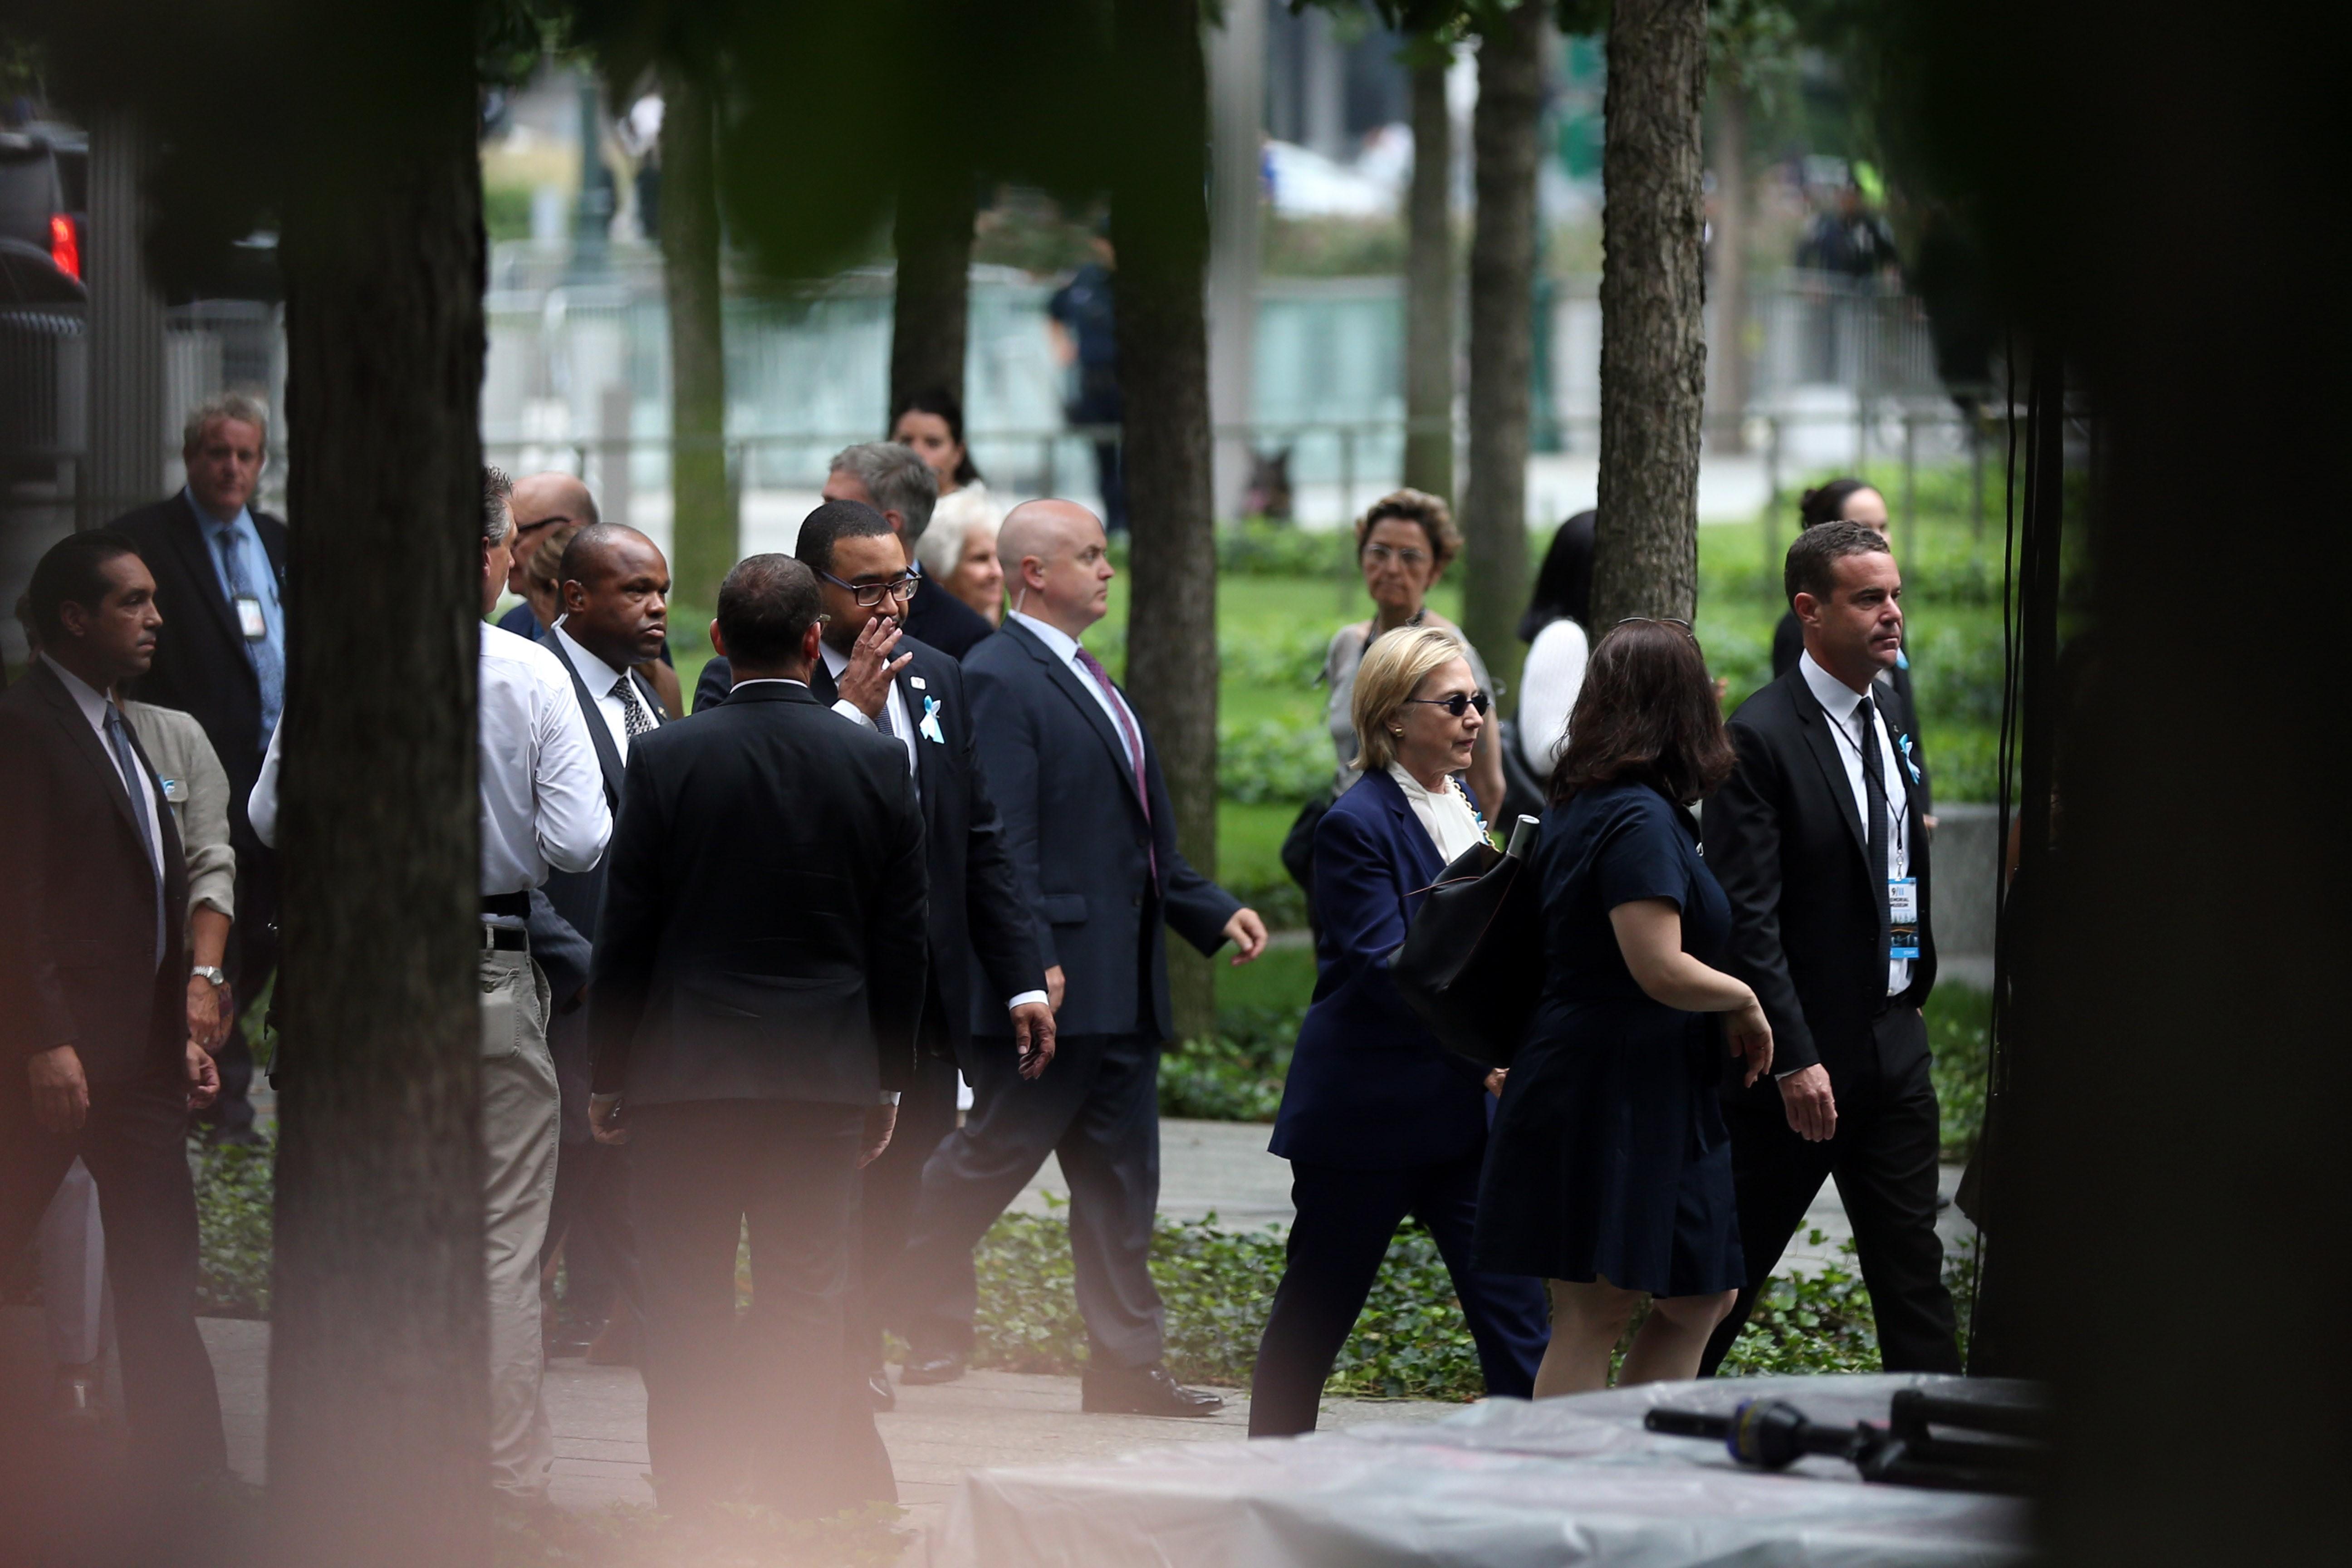 Hillary Clinton rosszul lett 9/11 megemlékezésén, és idő előtt távozott